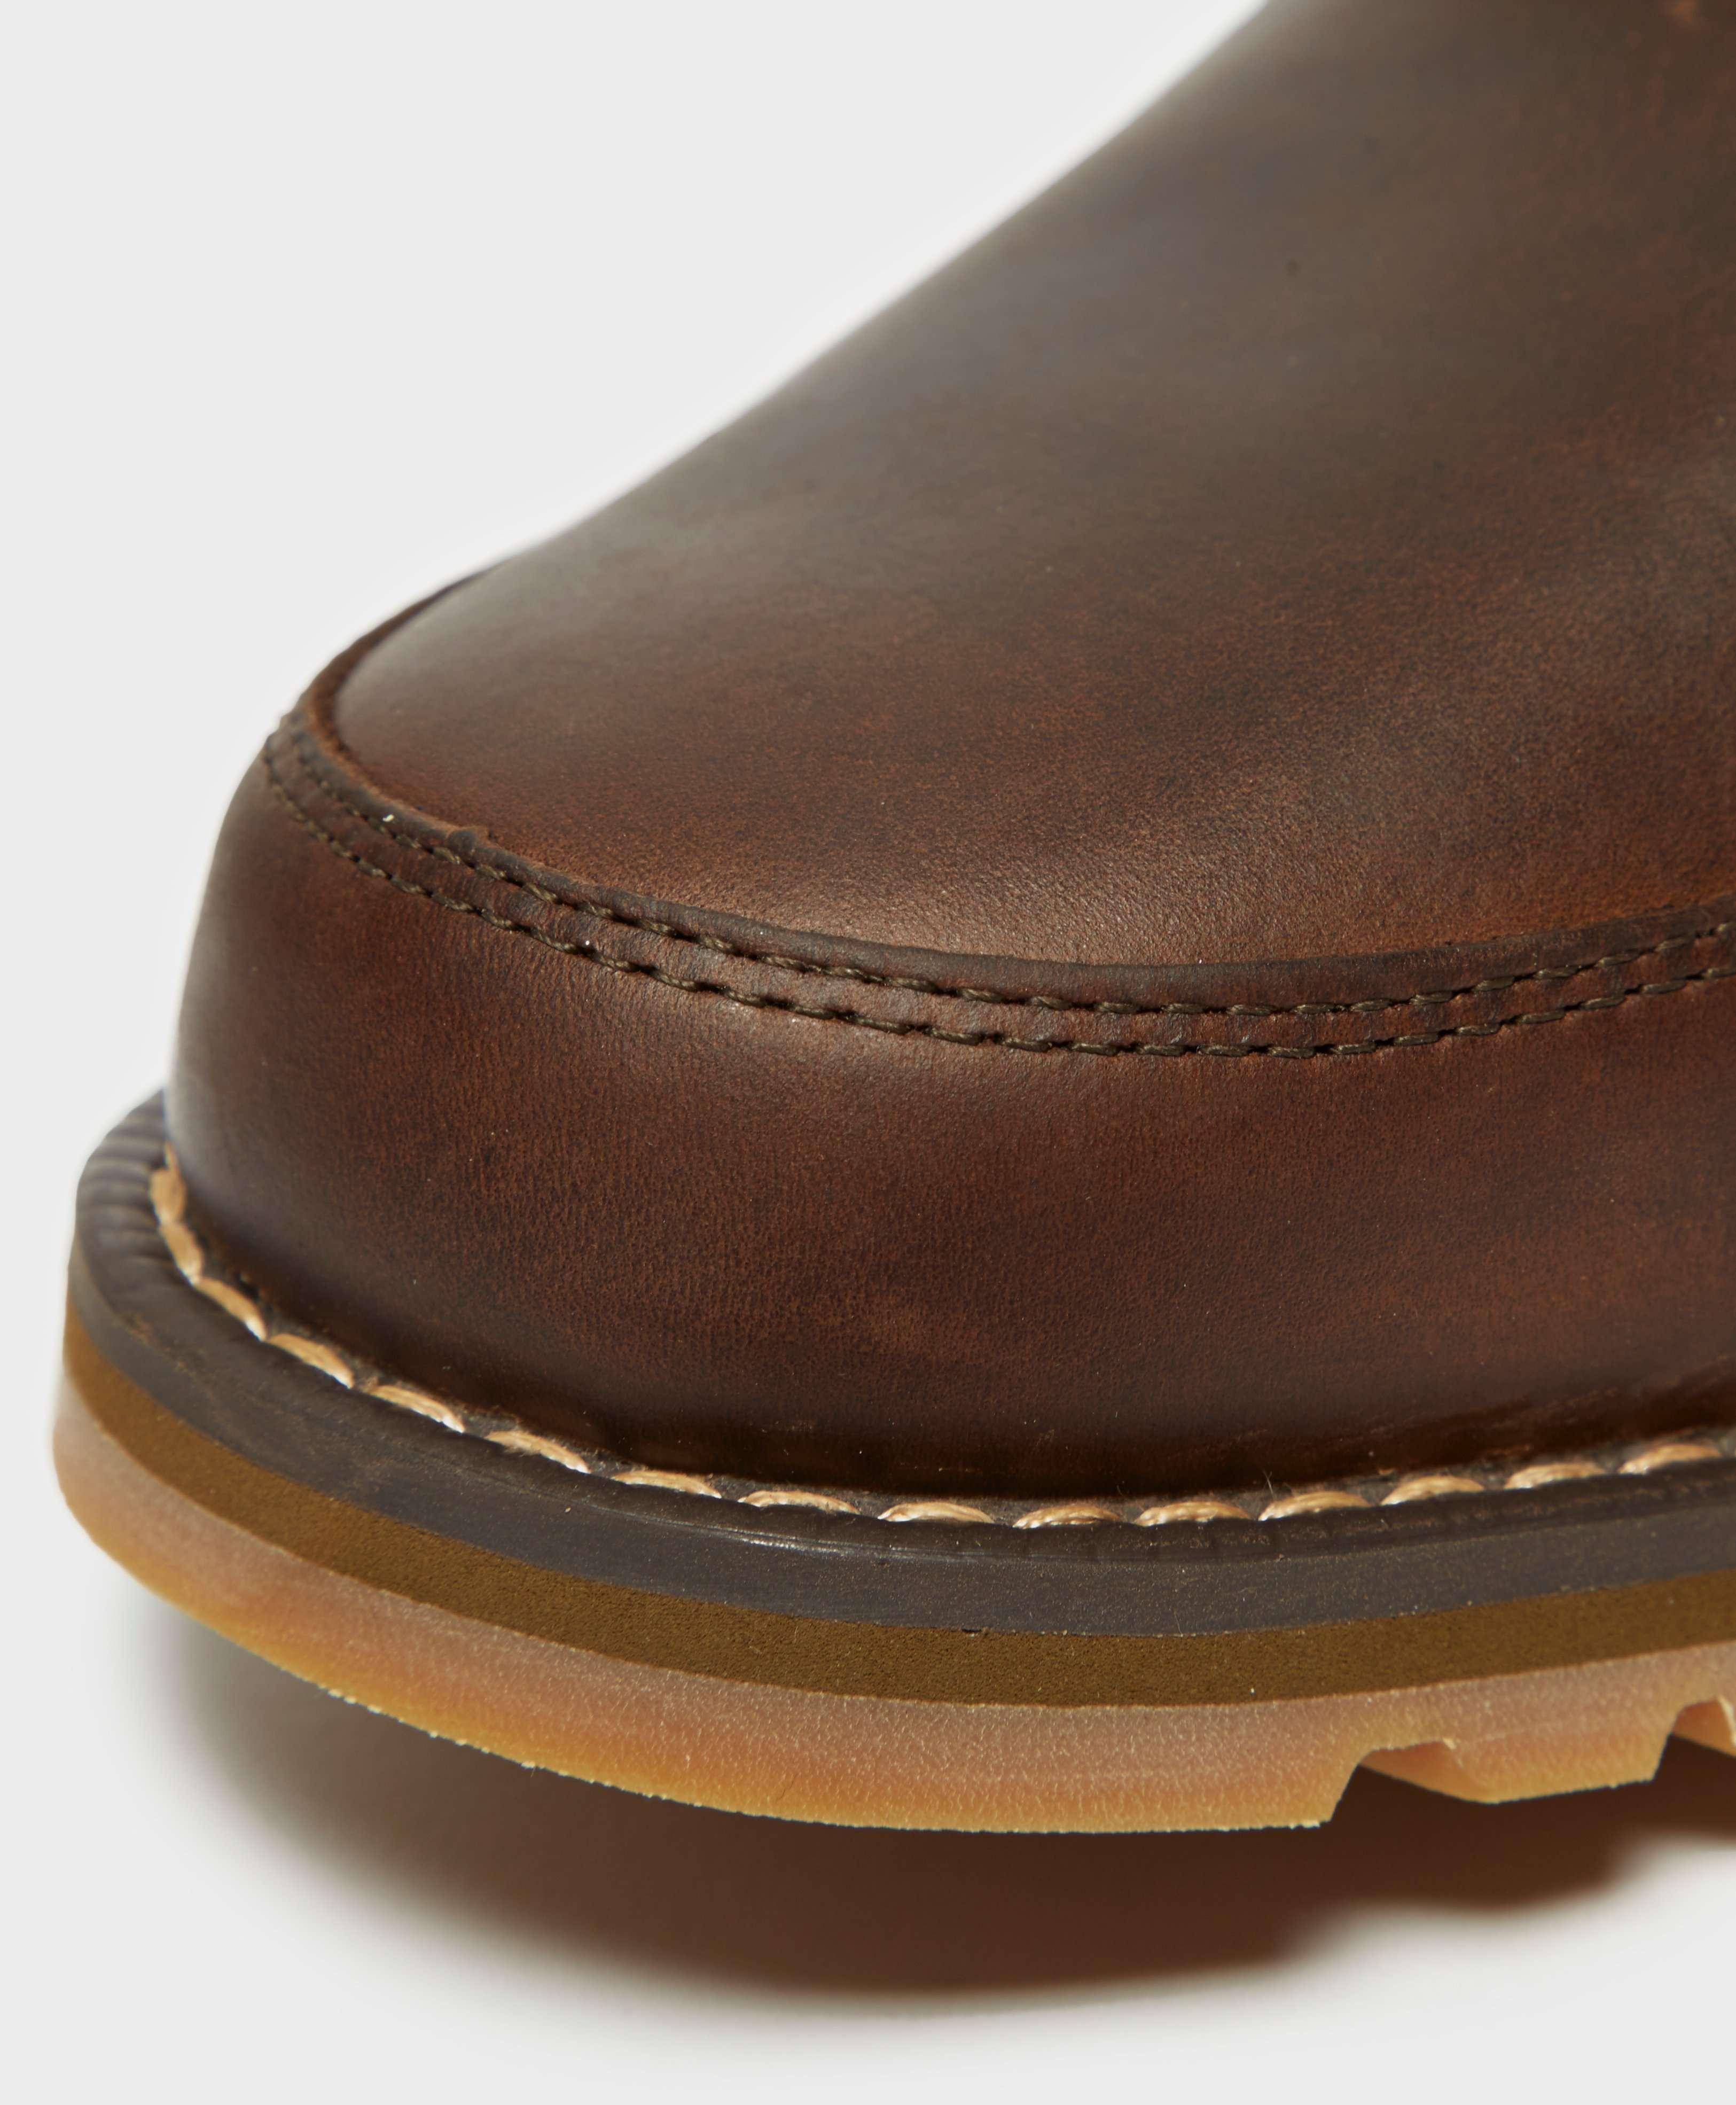 Timberland Larchmont Chukka Boot